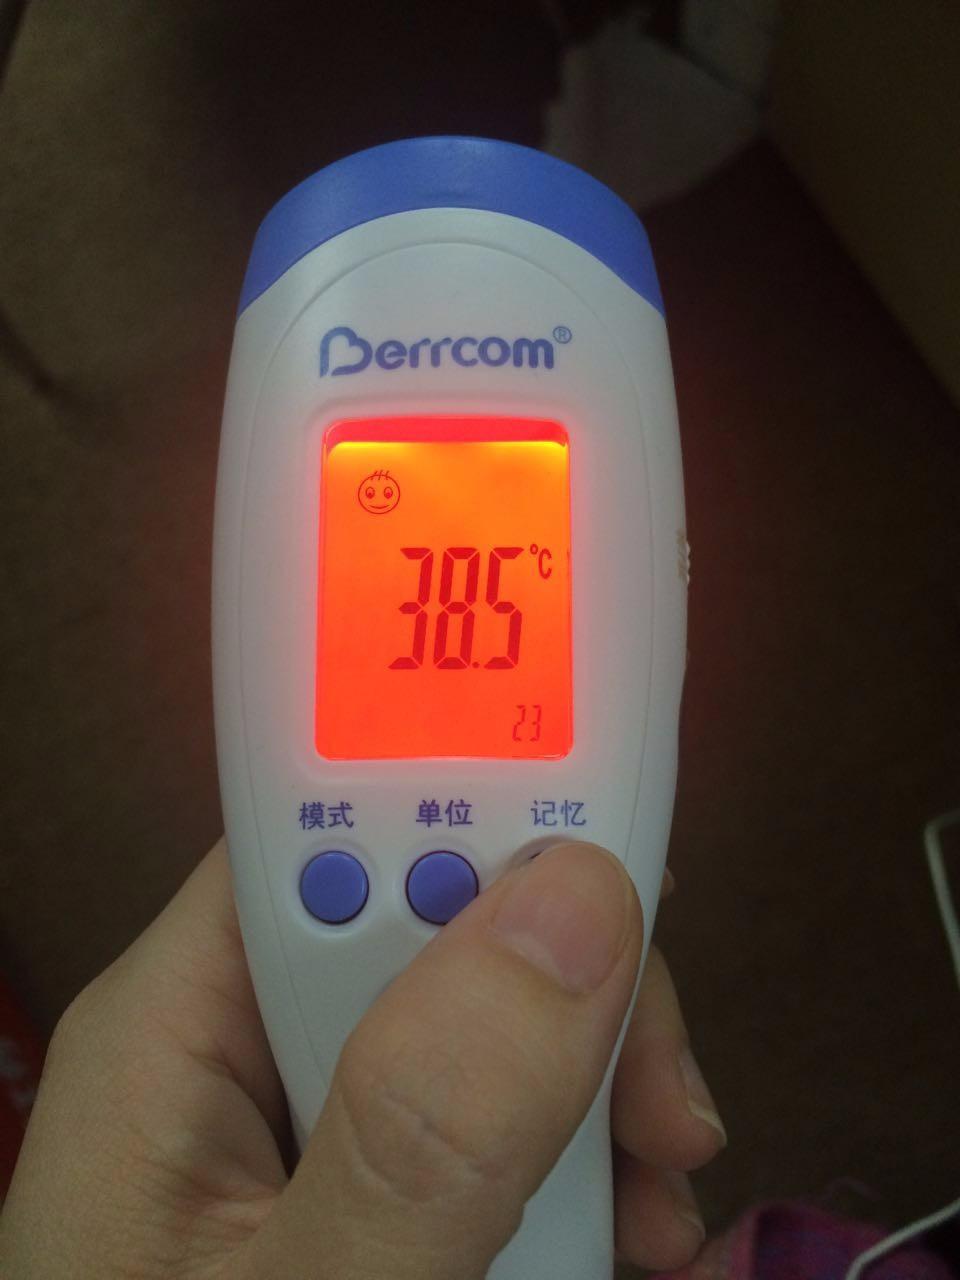 有没有发烧38.5的温度计图片?